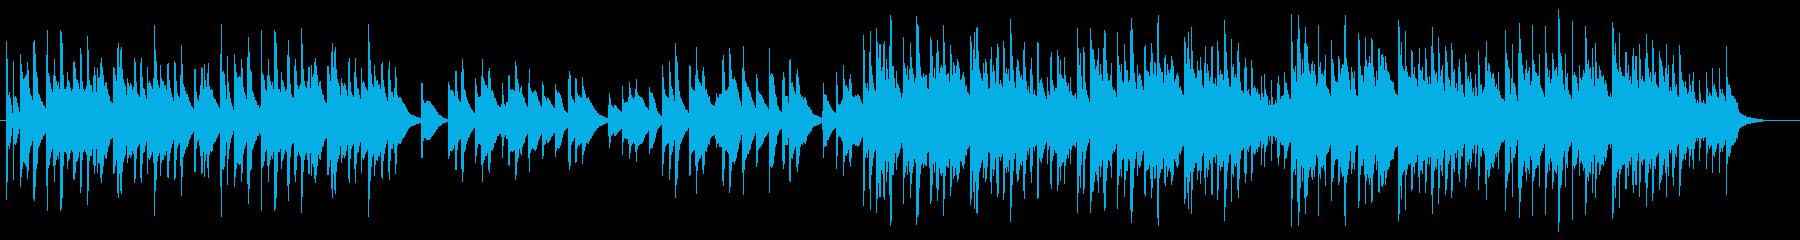 琴が印象的な夏を感じる和風BGMの再生済みの波形